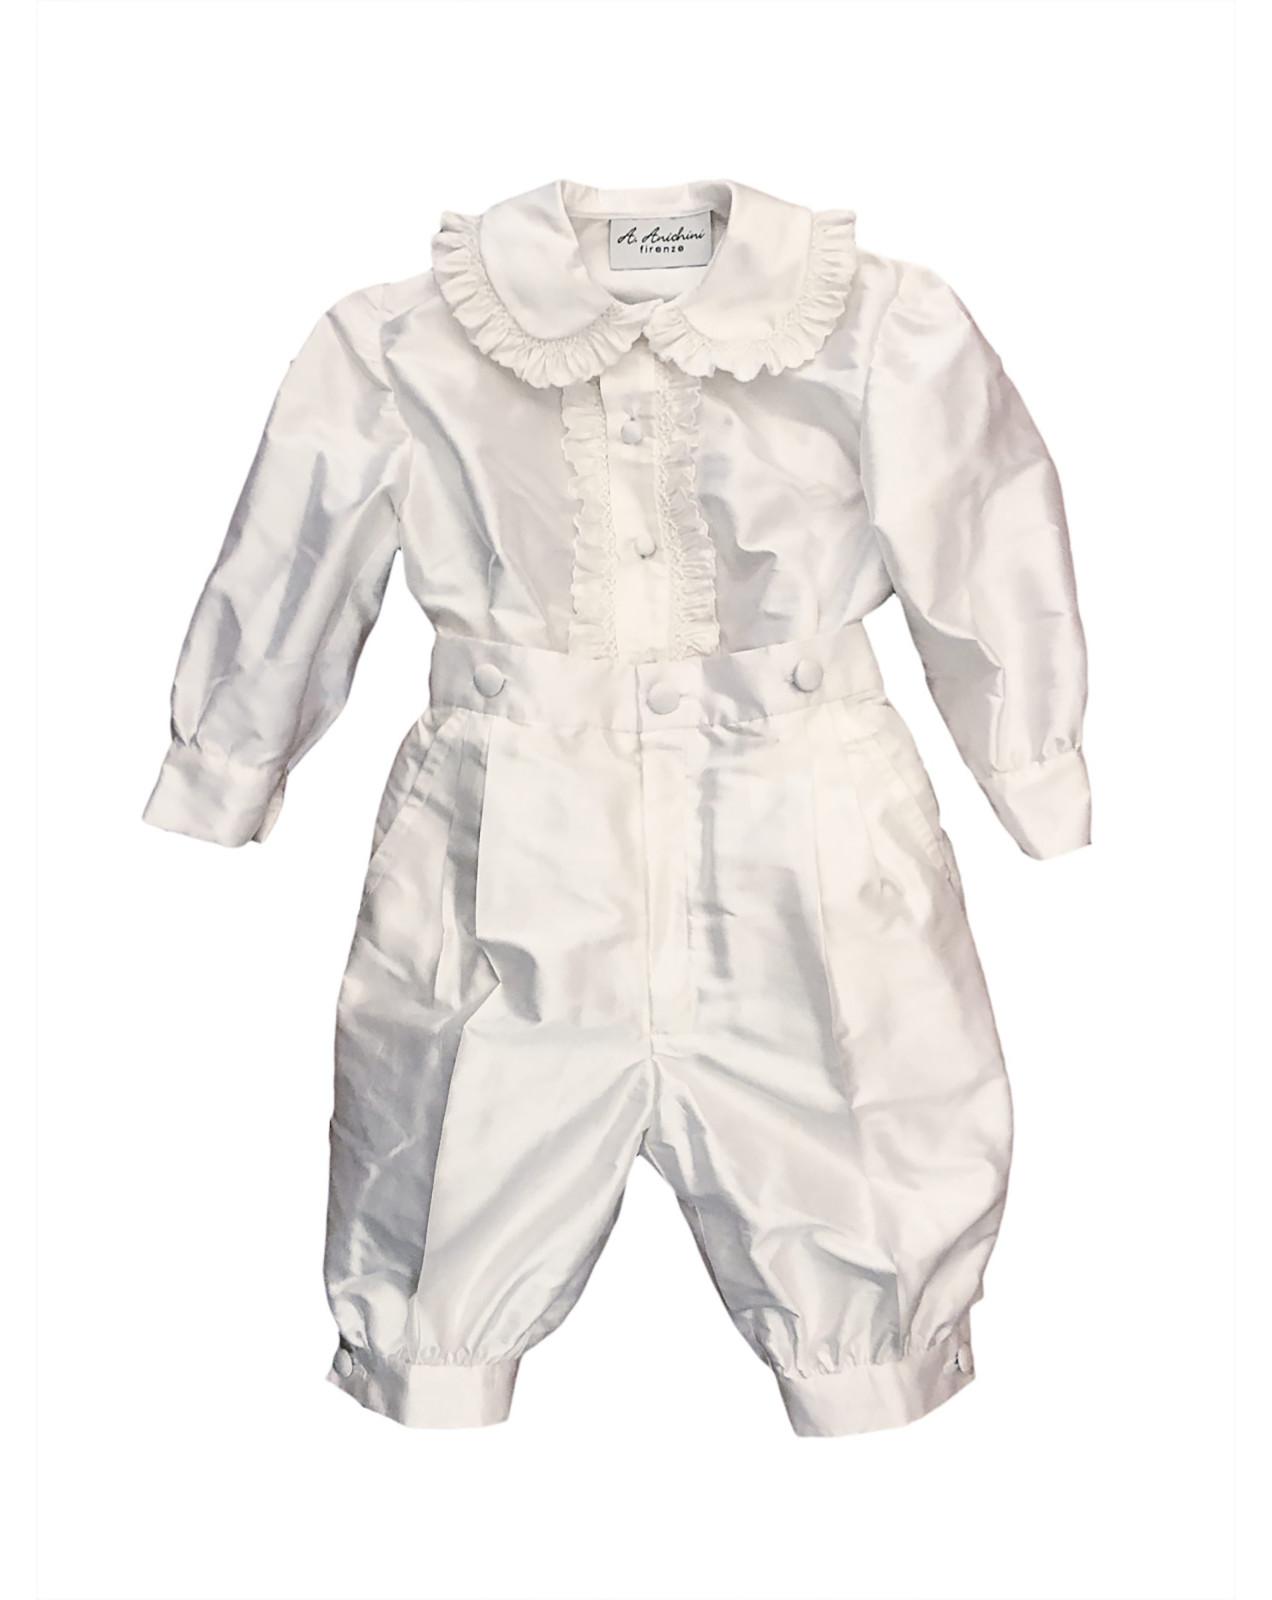 Riccardo silk baby boy outfit